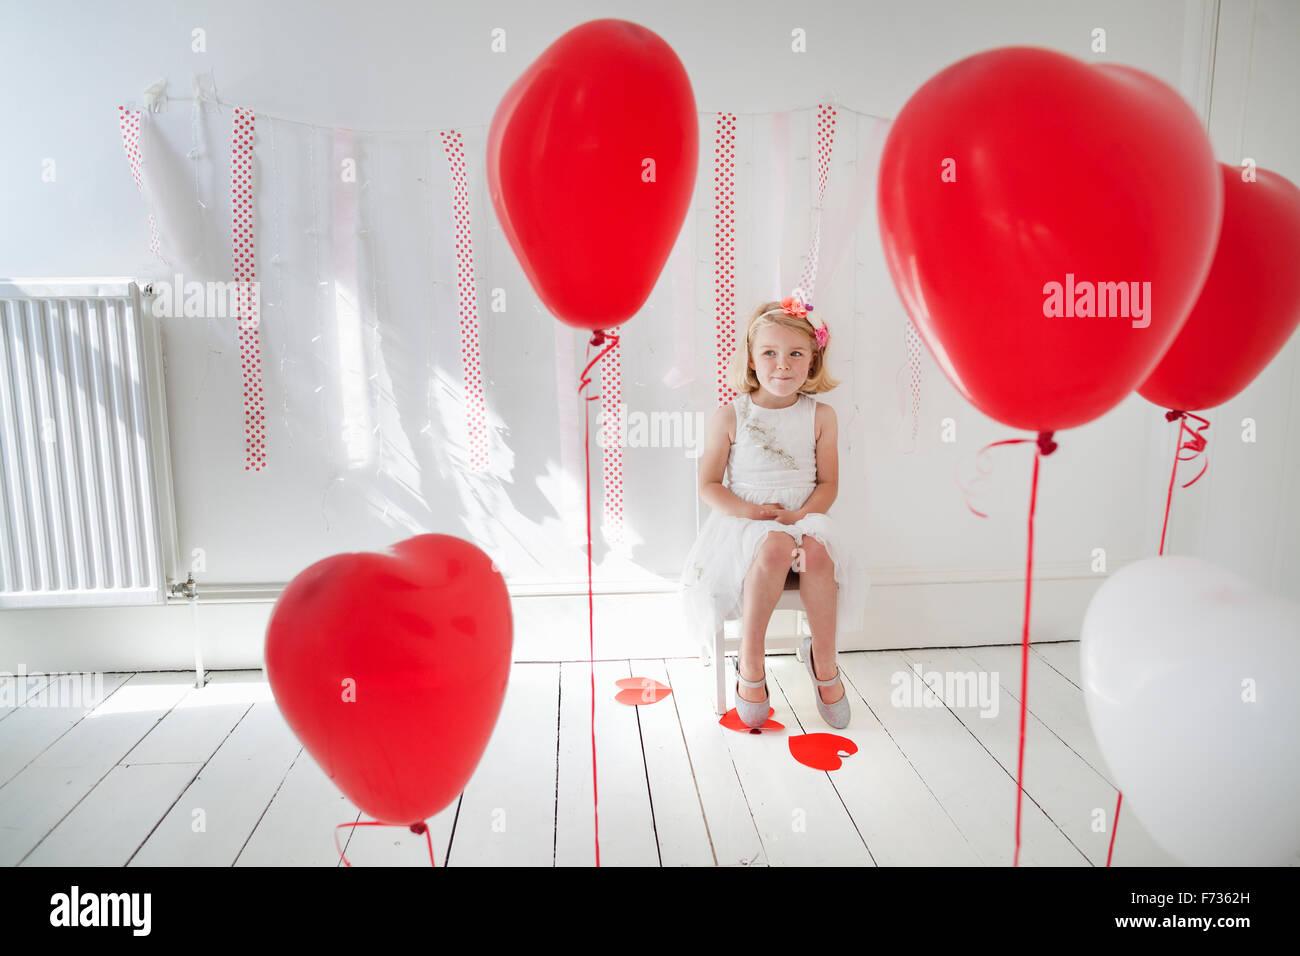 Junges Mädchen posieren für ein Foto in einem Fotografen Studio, umgeben von roten Luftballons. Stockbild